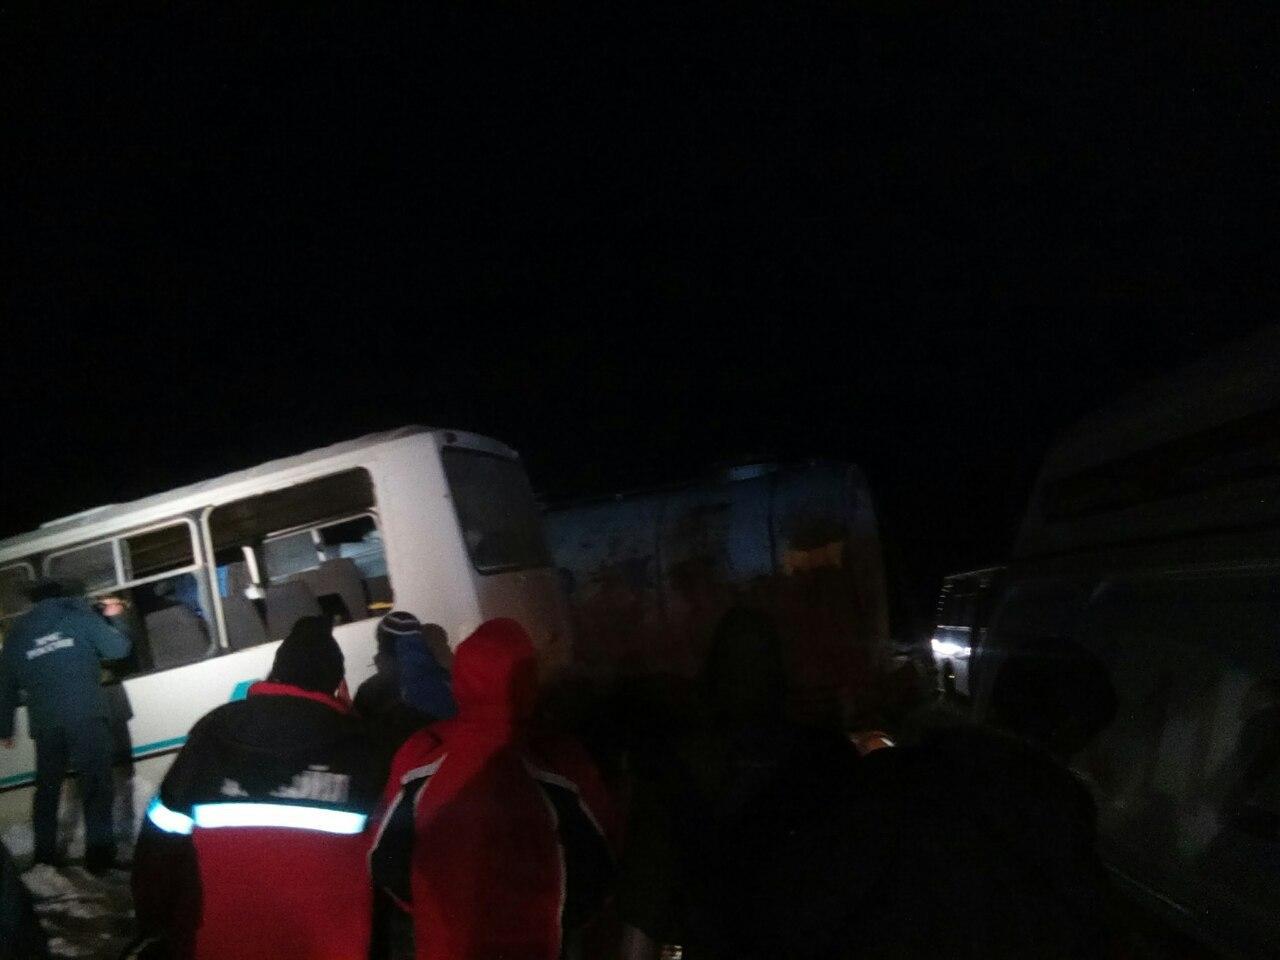 ВПрикамье вДТП сослужебным автобусом погибли три сотрудника ЛУКОЙЛа